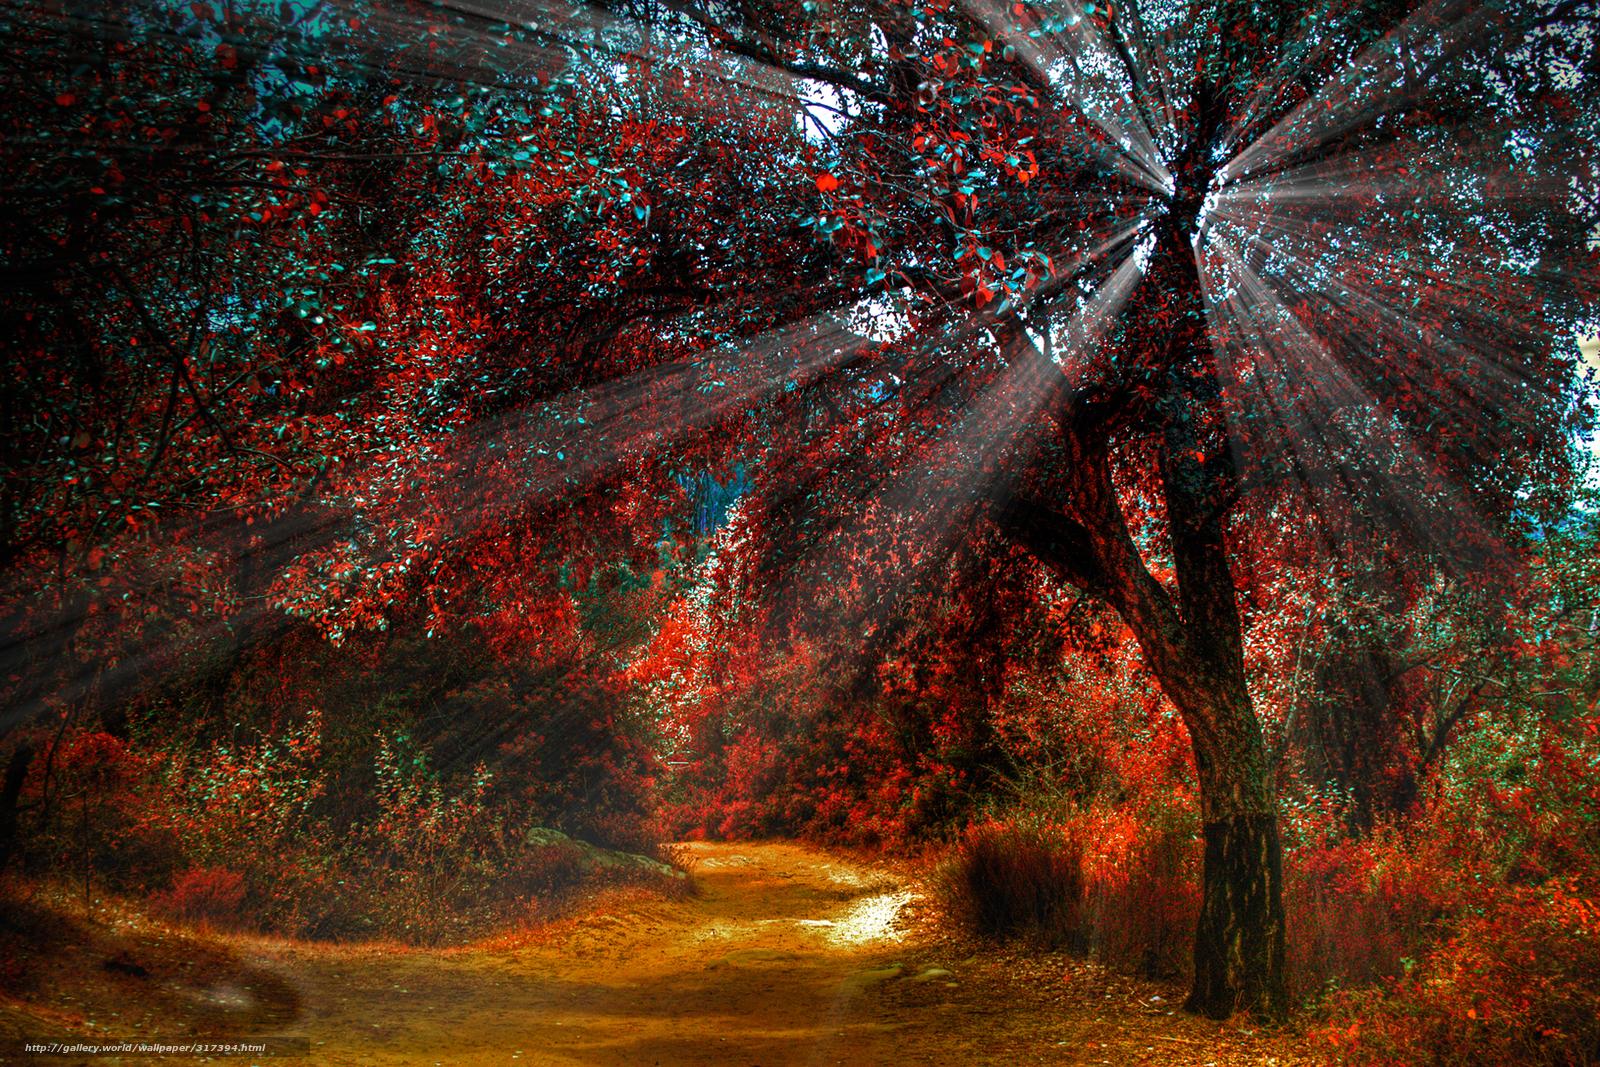 tlcharger fond d 39 ecran nature automne route arbre fonds d 39 ecran gratuits pour votre rsolution. Black Bedroom Furniture Sets. Home Design Ideas